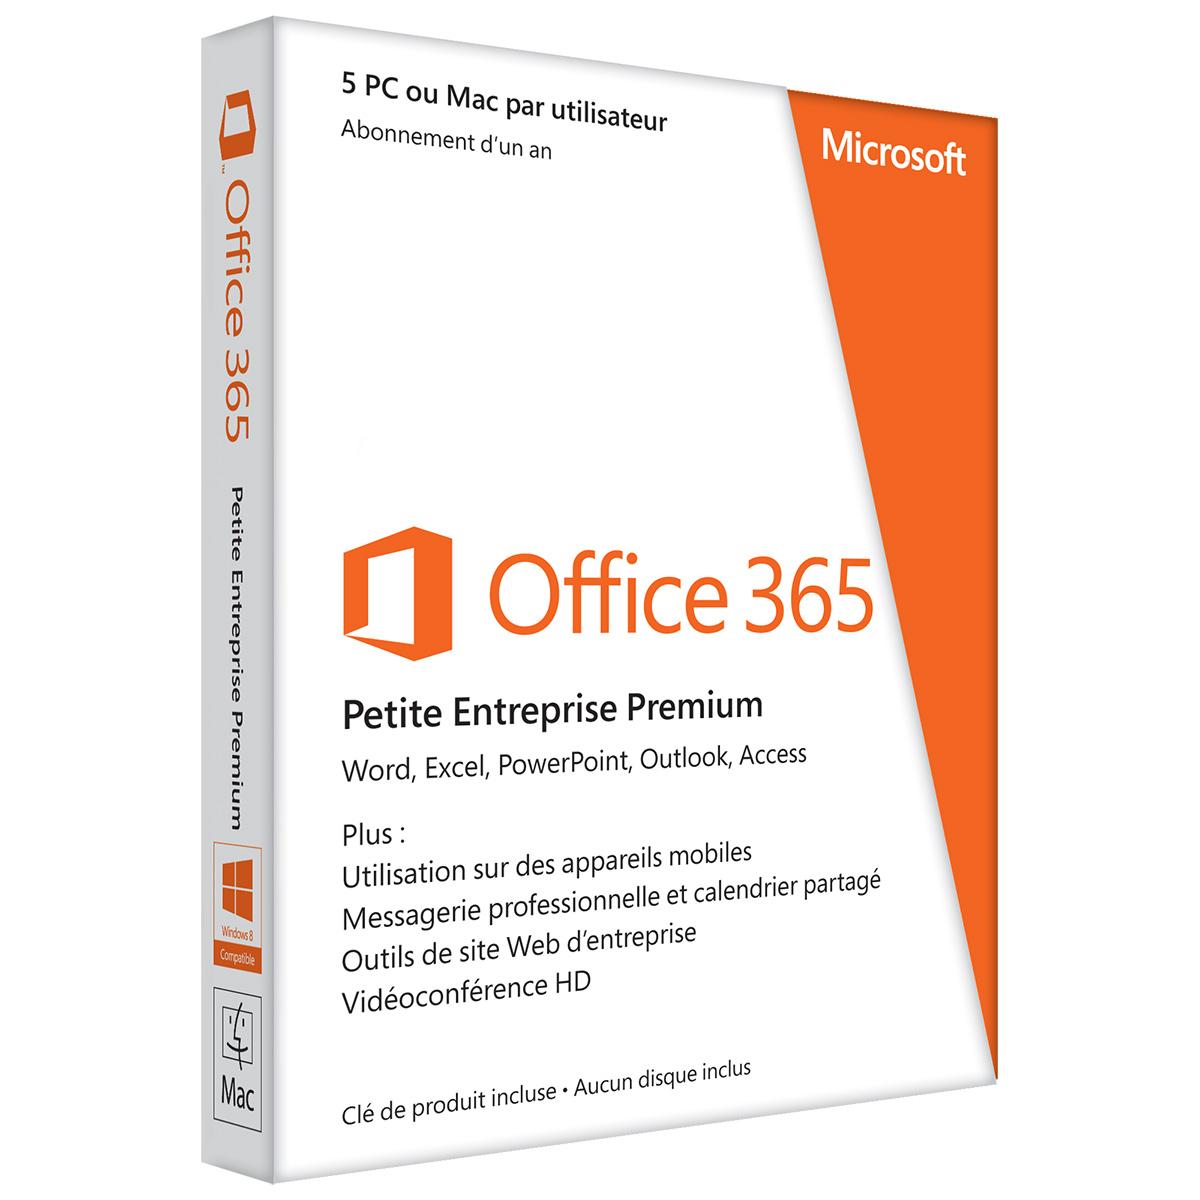 Microsoft office 365 petite entreprise premium logiciel bureautique microsoft sur - Prix pack office pour mac ...